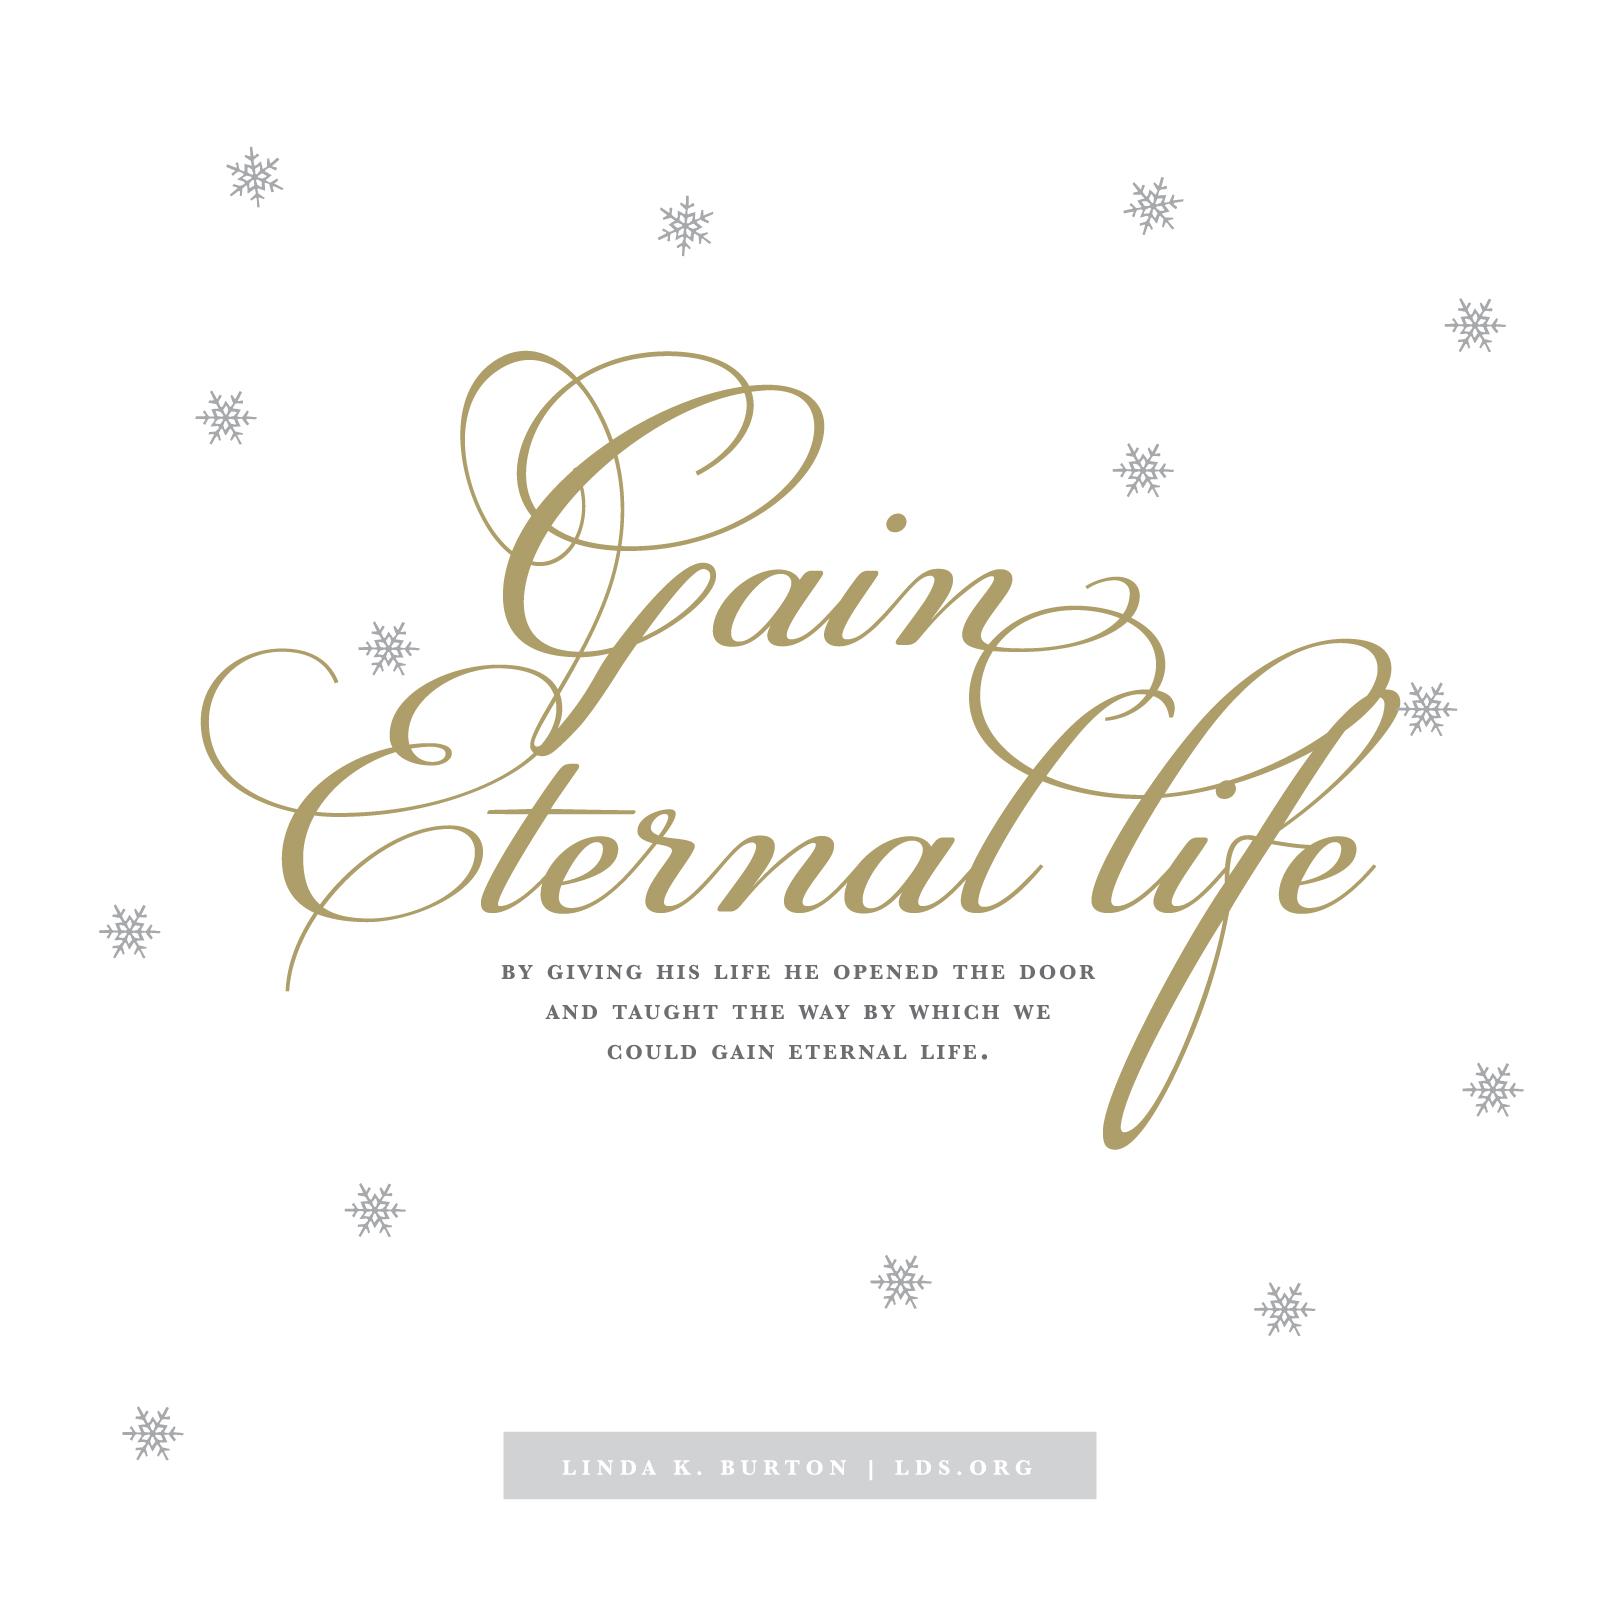 LDS Eternal Life